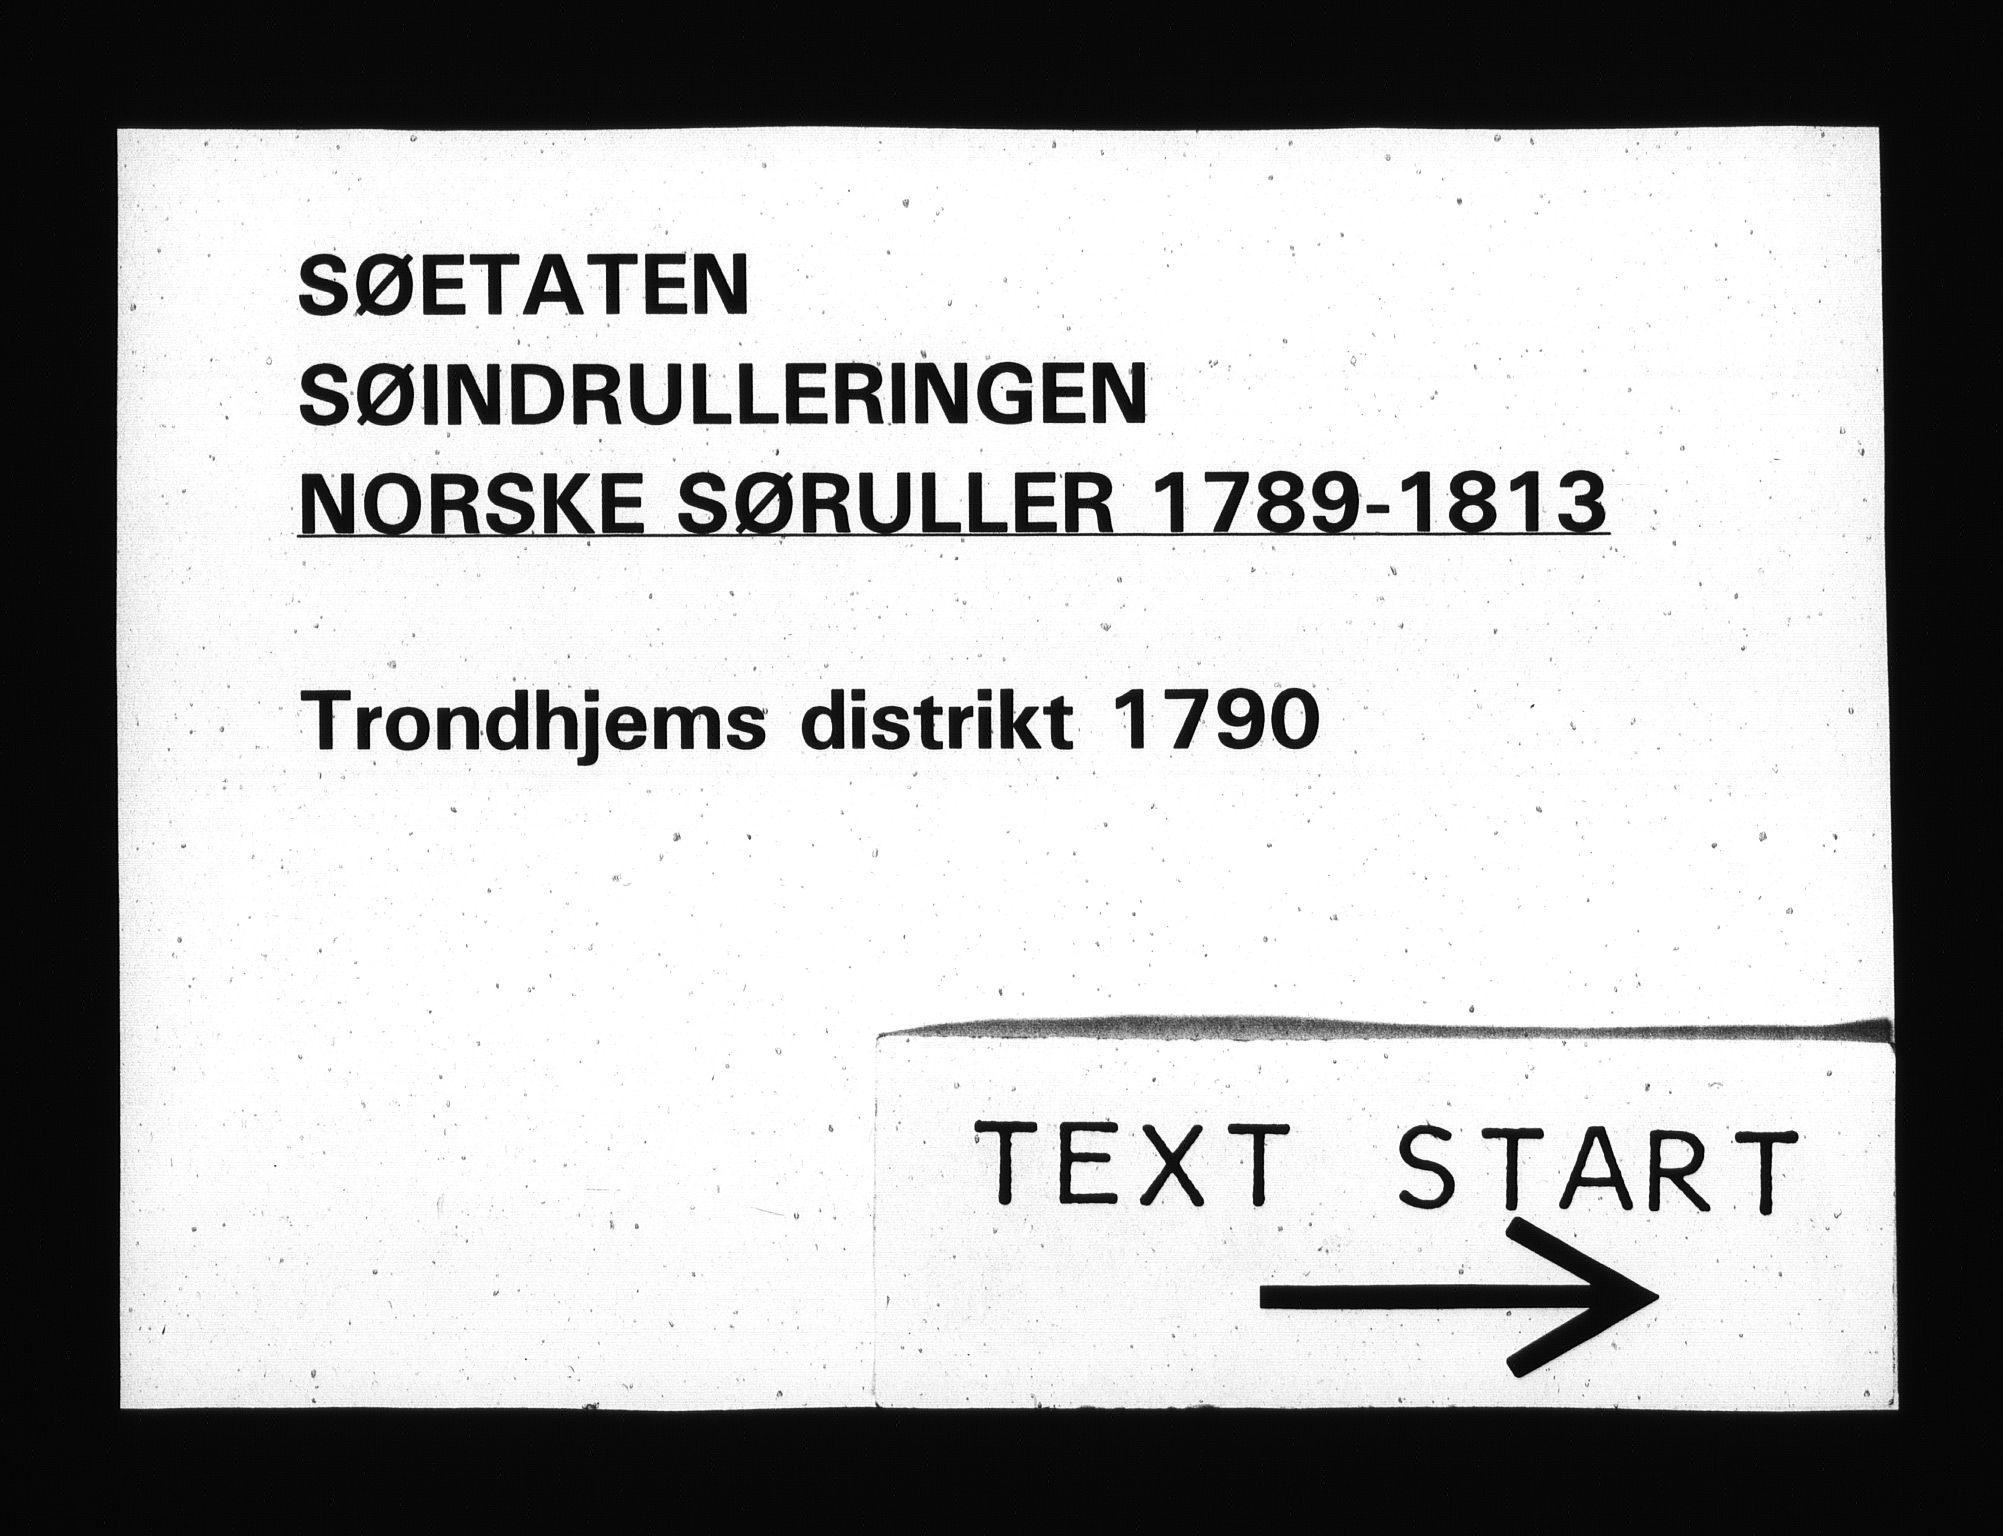 RA, Sjøetaten, F/L0308: Trondheim distrikt, bind 1, 1790